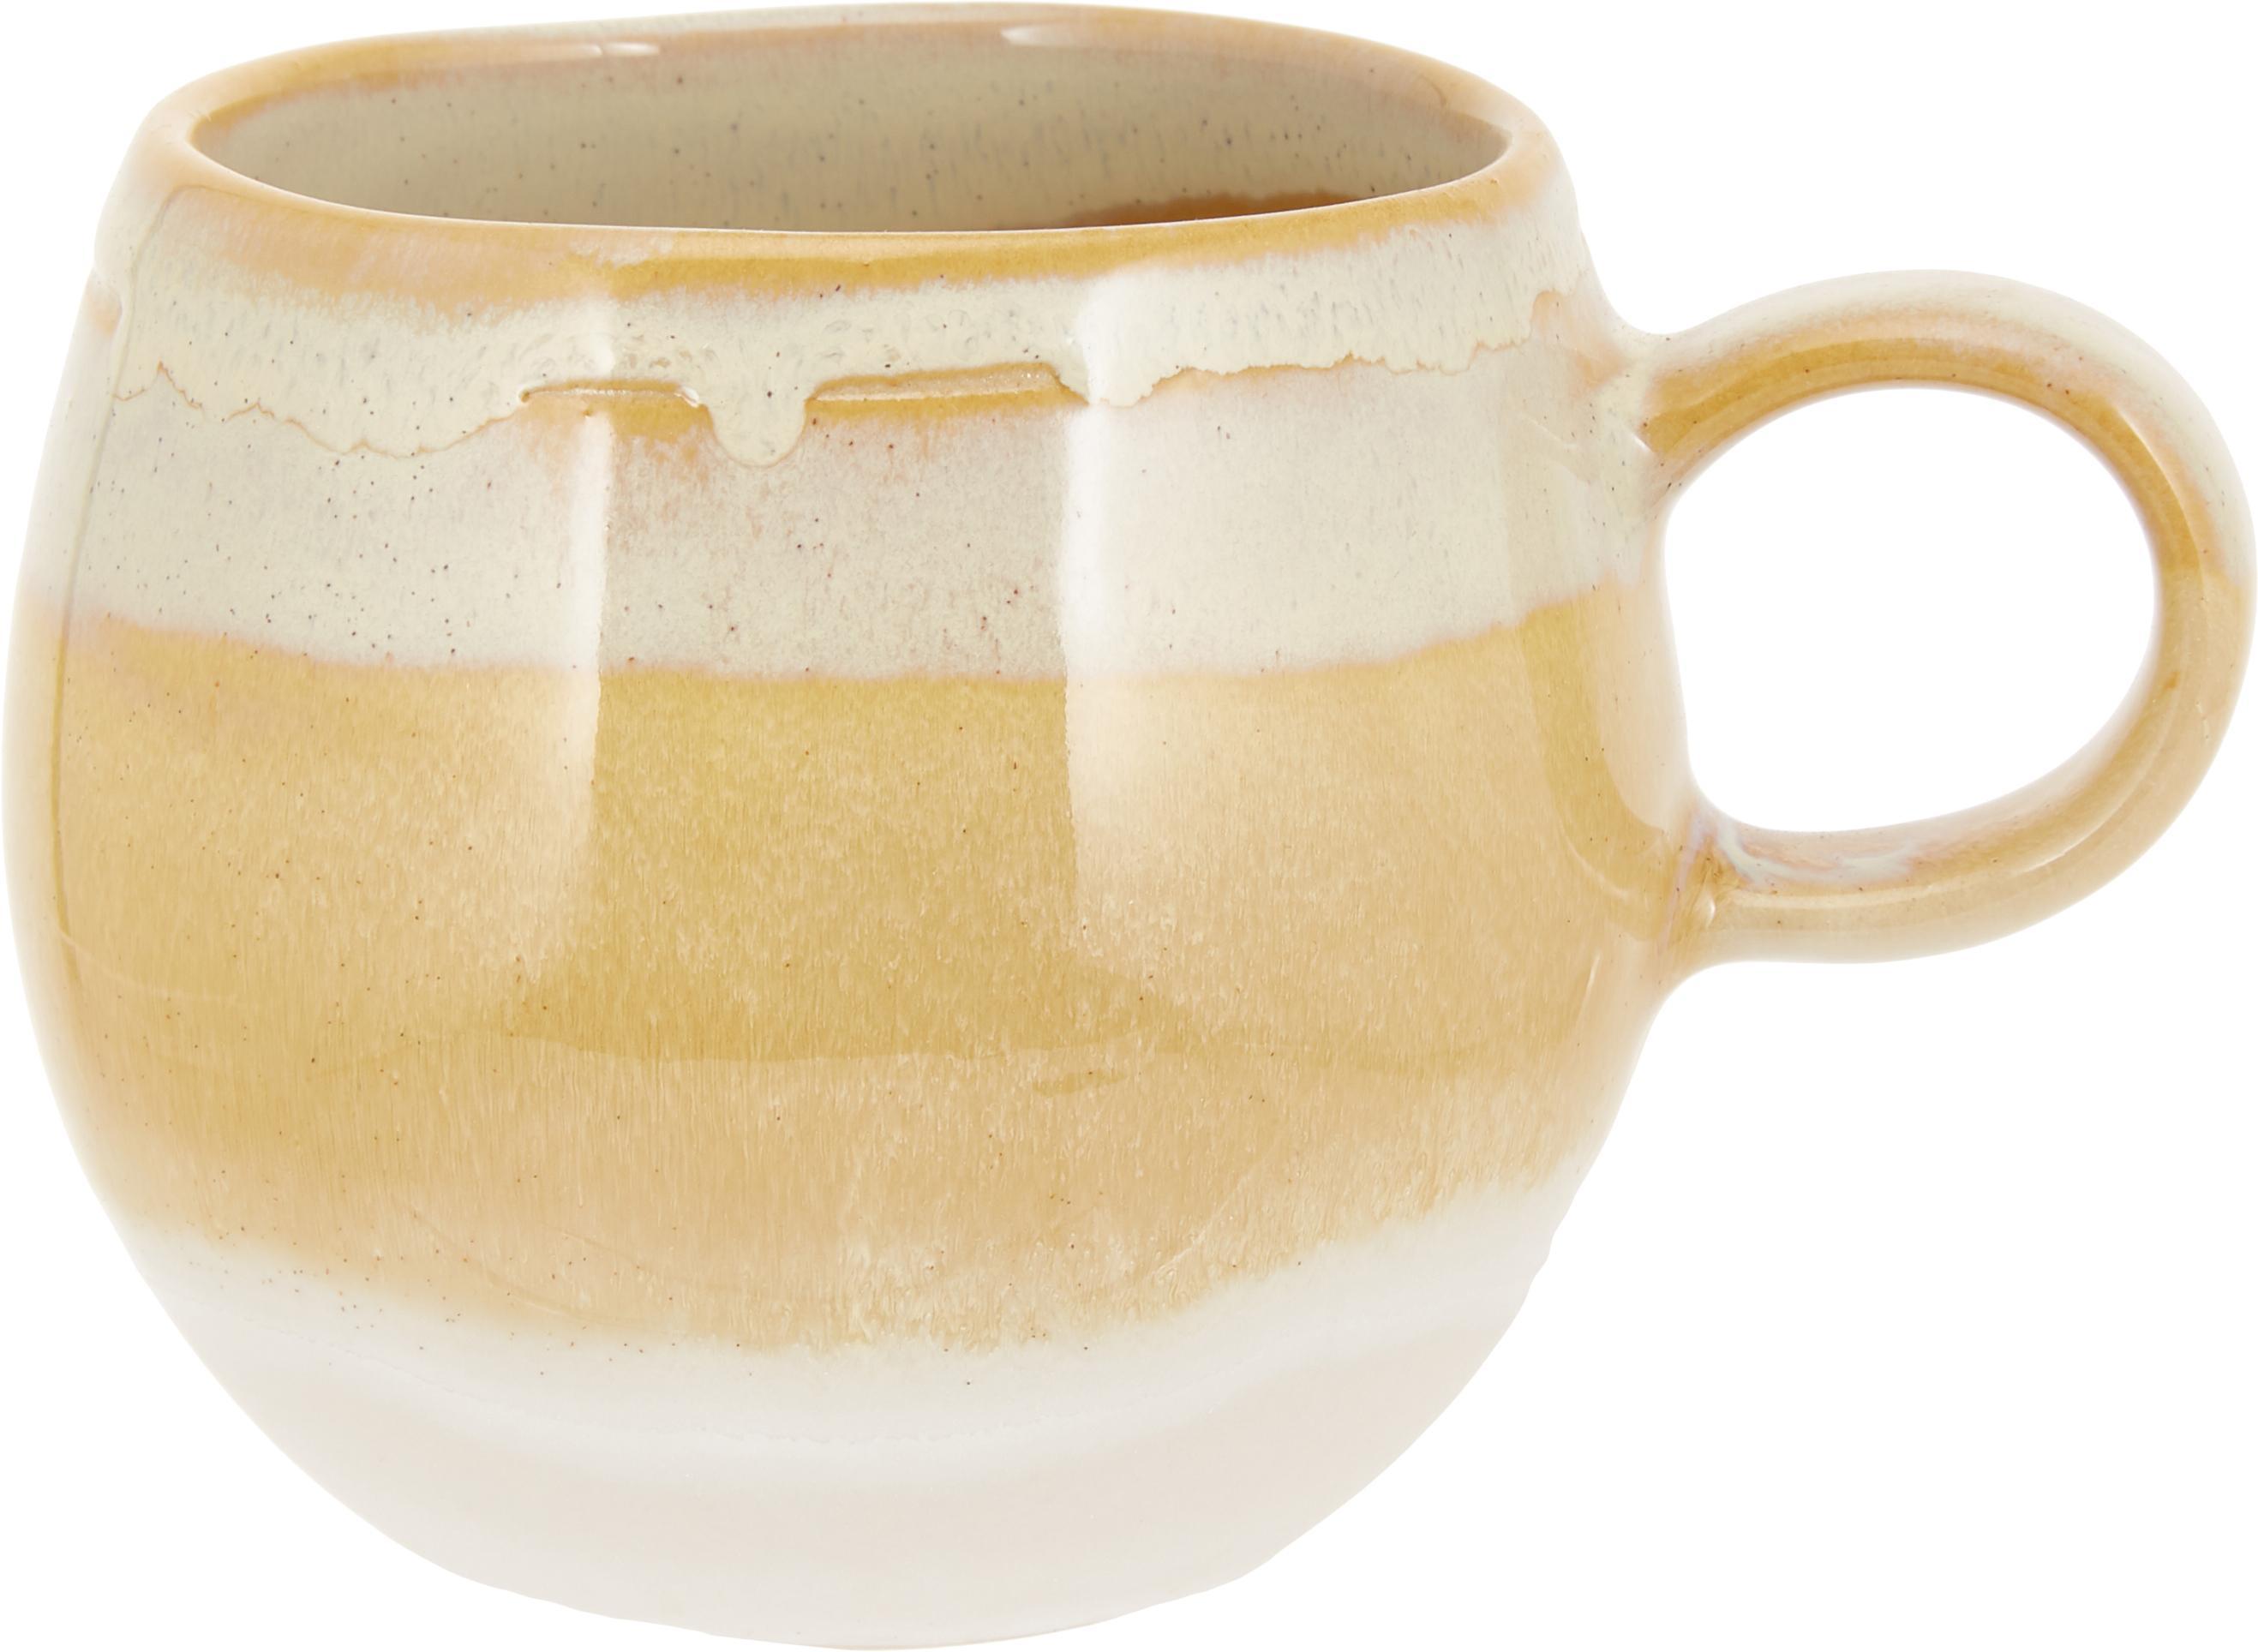 Taza de café artesanal April, Gres, Tonos beige, Ø 9 x Al 8 cm